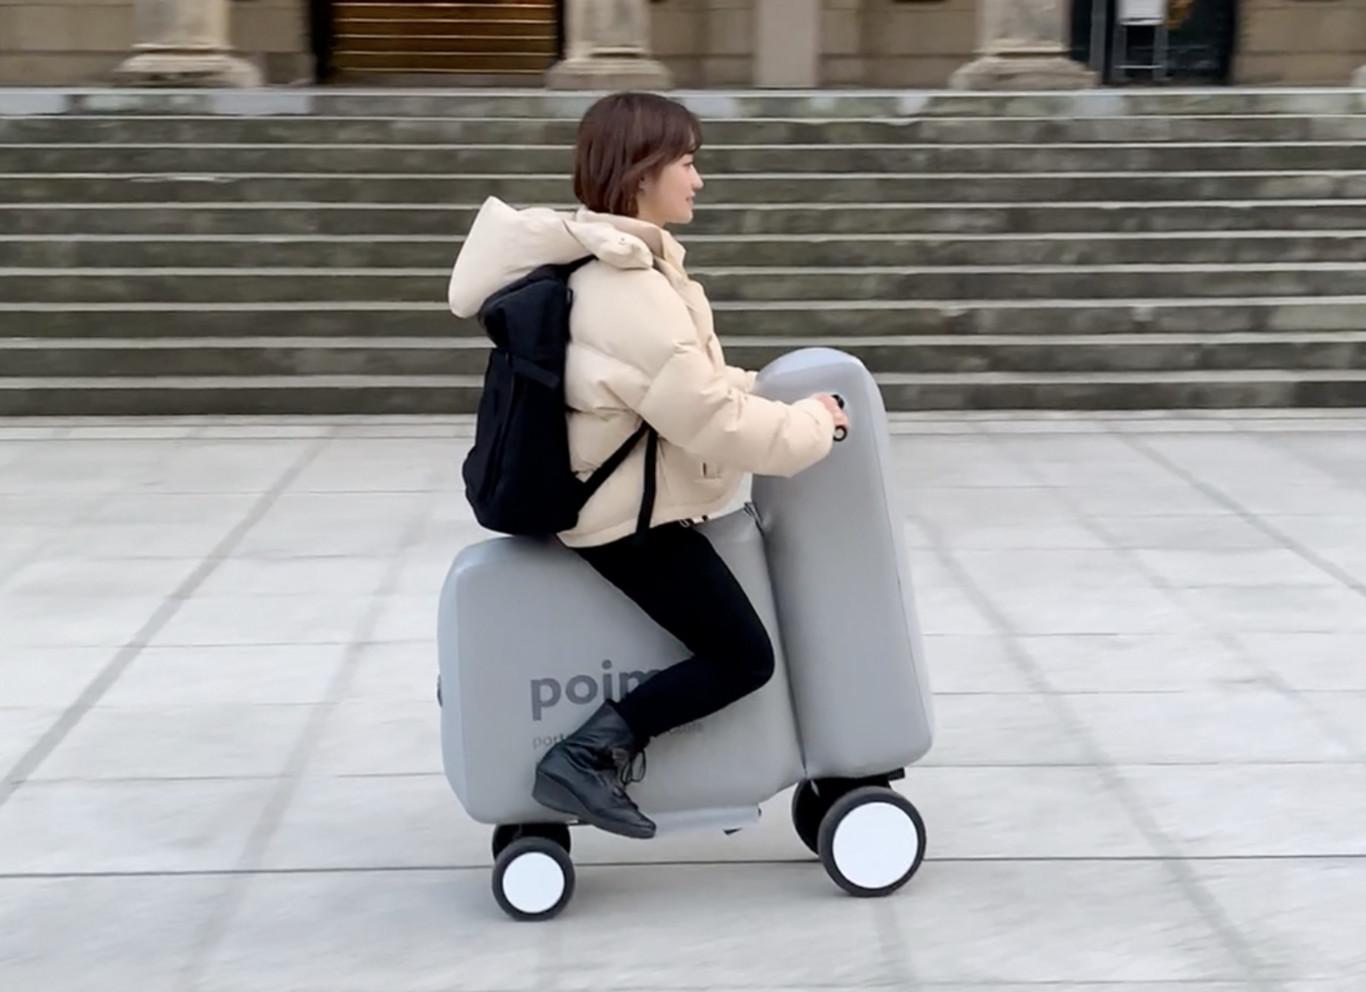 Ce quadricycle électrique gonflable se range dans un sac à dos vide